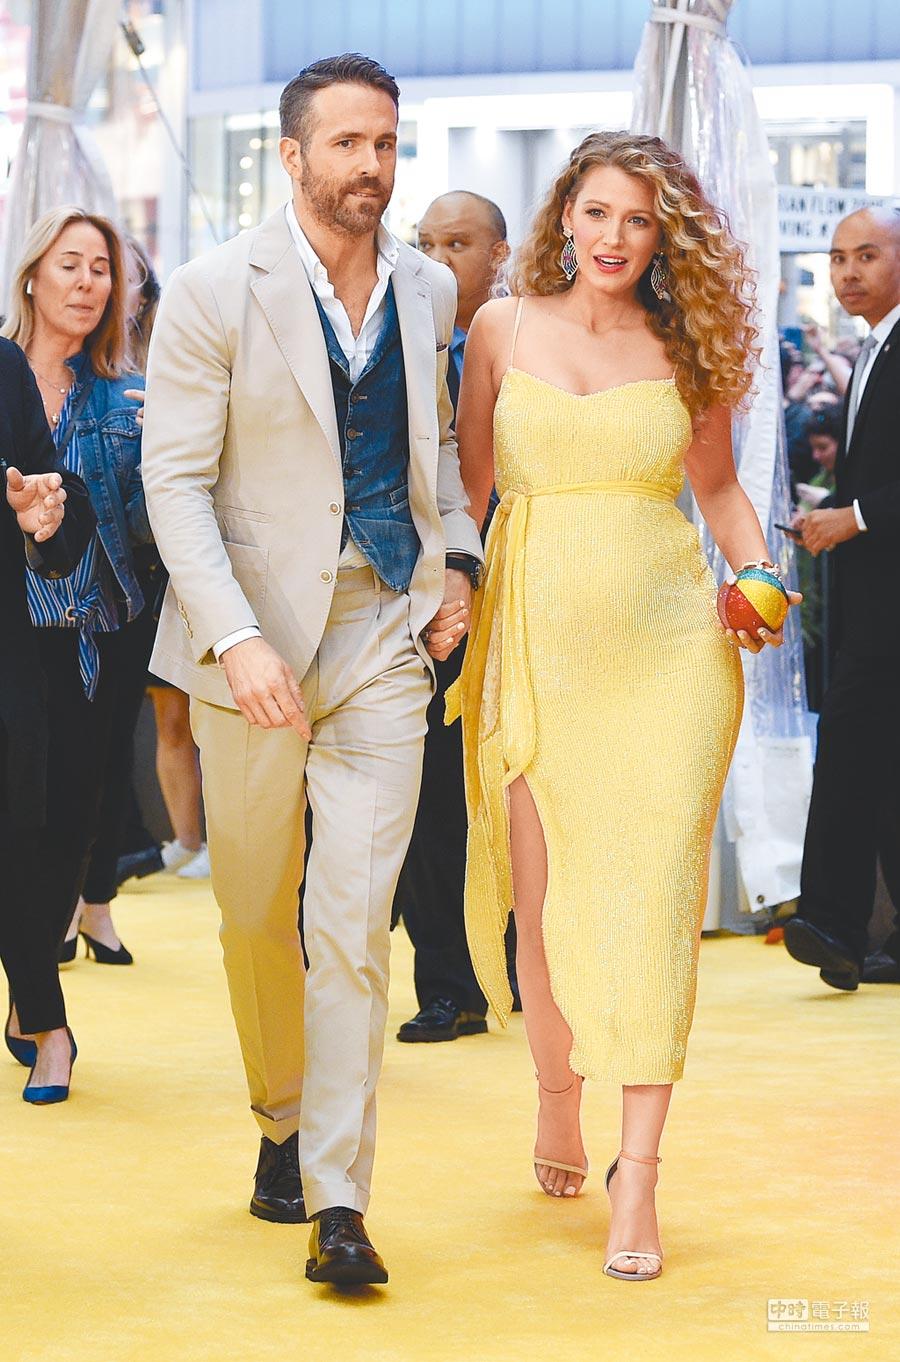 萊恩雷諾斯(左)與老婆布蕾克萊芙莉出席《名偵探皮卡丘》洛城首映,萊恩穿BRUNELLO CUCINELLI米色西裝內搭白襯衫、丹寧背心,布蕾克穿Retrofete黃色洋裝帶球上路。(美聯社)